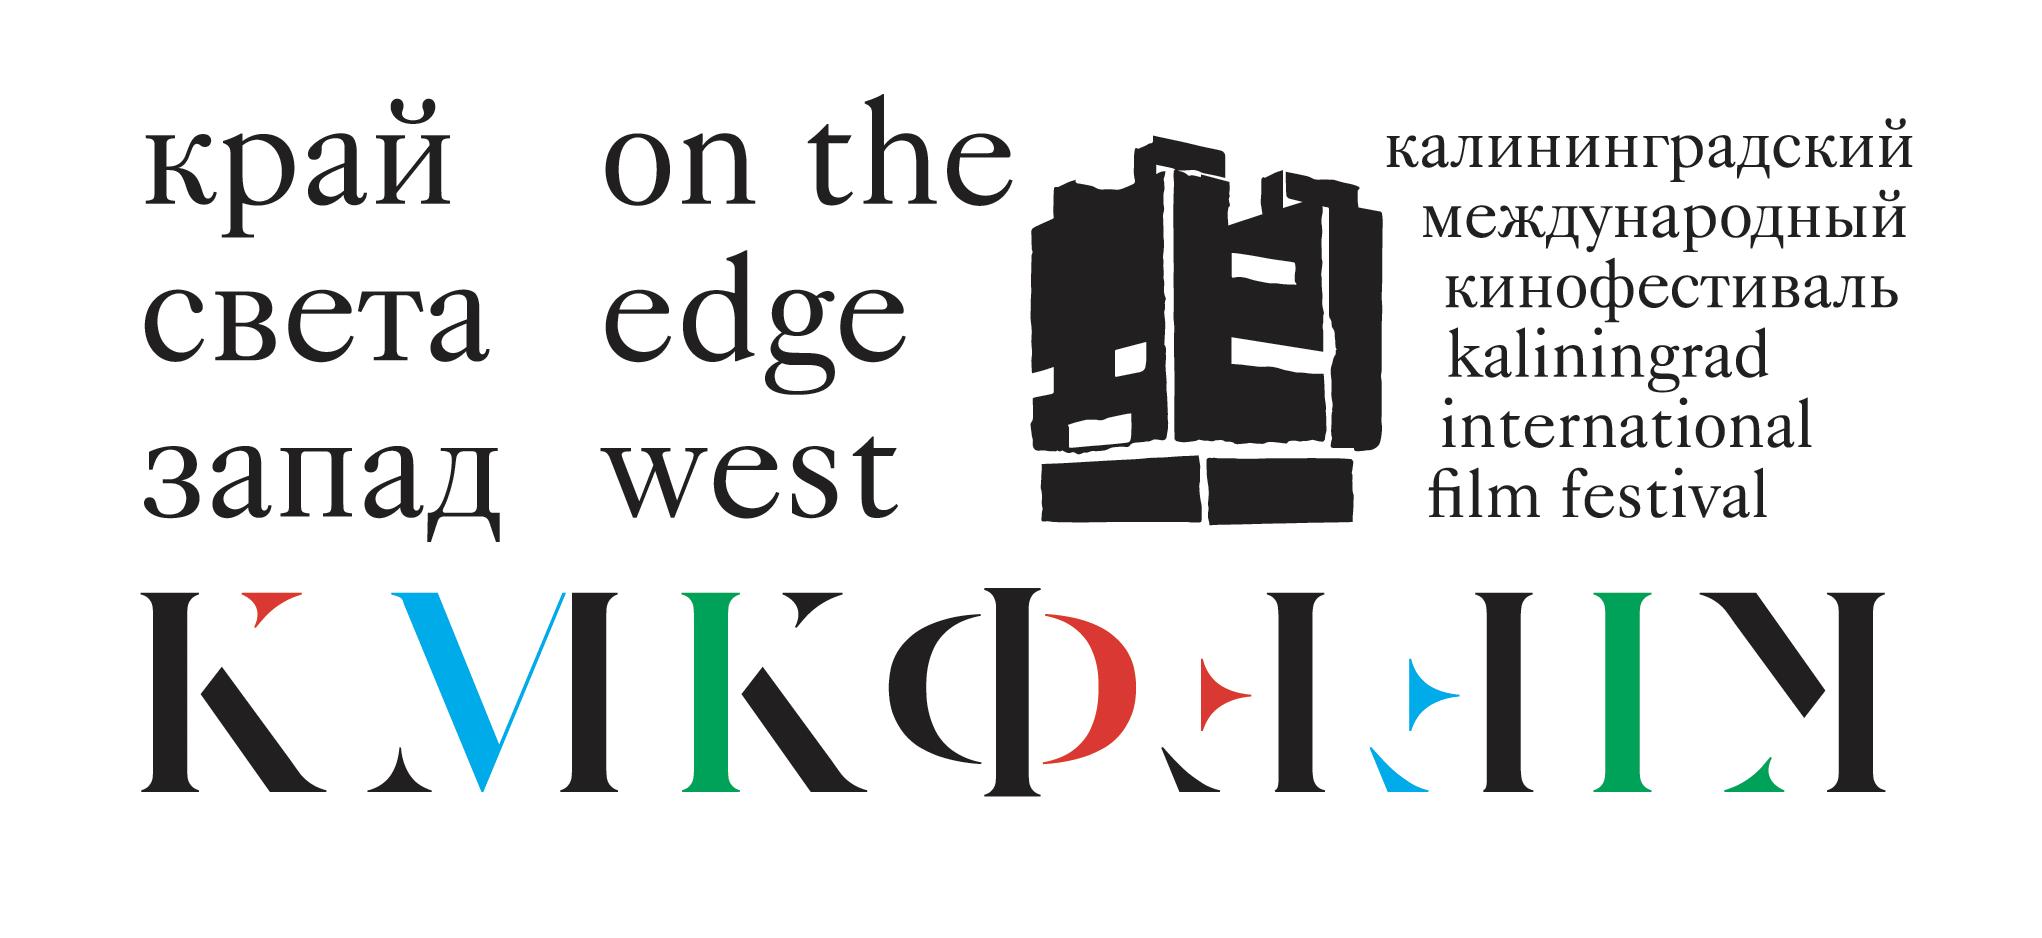 Кинолаборатория Калининградского Международного Кинофестиваля «Край Света. Запад» объявляет дополнительный набор учеников